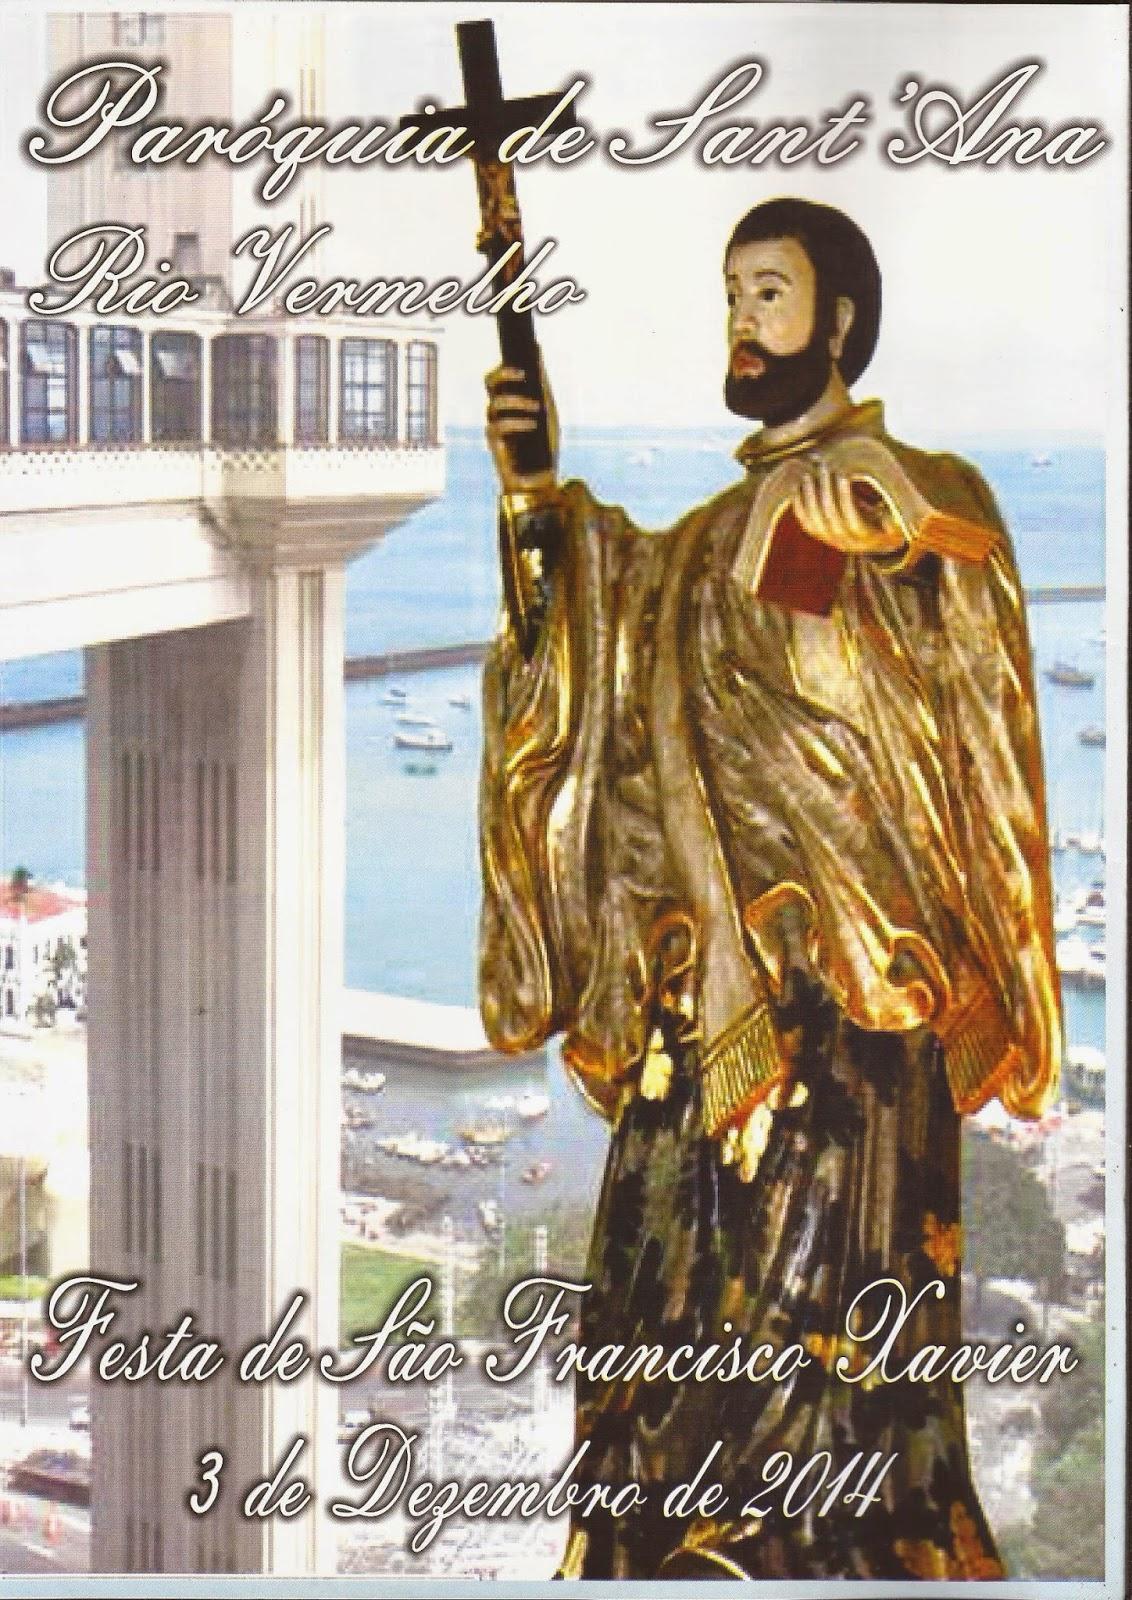 No próximo domingo tem missa e procissão em louvor a São Francisco Xavier